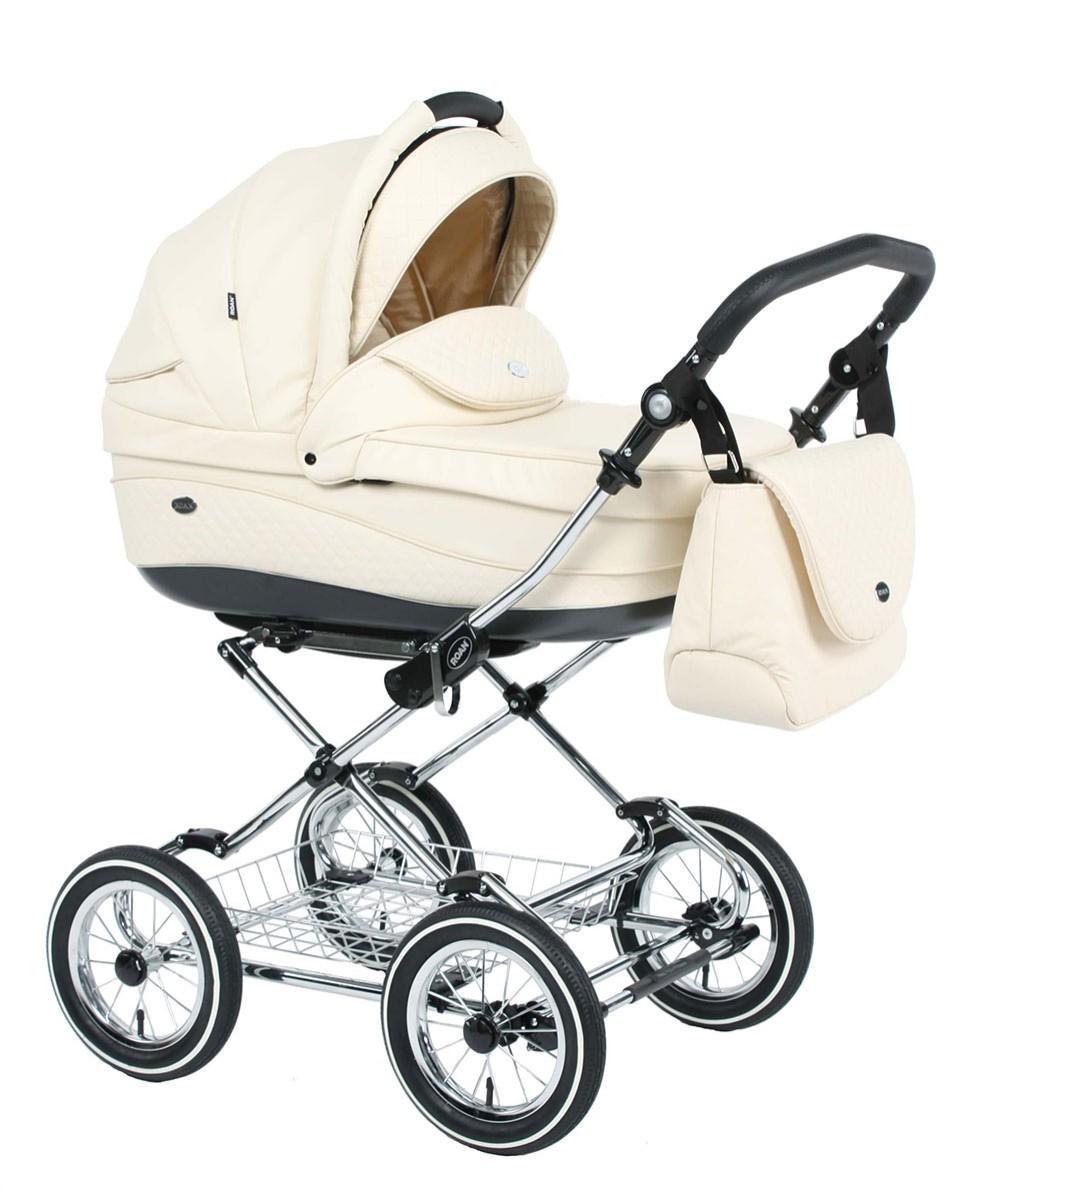 Детская коляска для новорожденных 3 в 1, Roan Emma - Роан Эмма, самая модная коляска для новорожденных, модные коляски, купить коляску для новорожденного, детские коляски роан, детские коляски roan, Roan Emma, цвет RP18